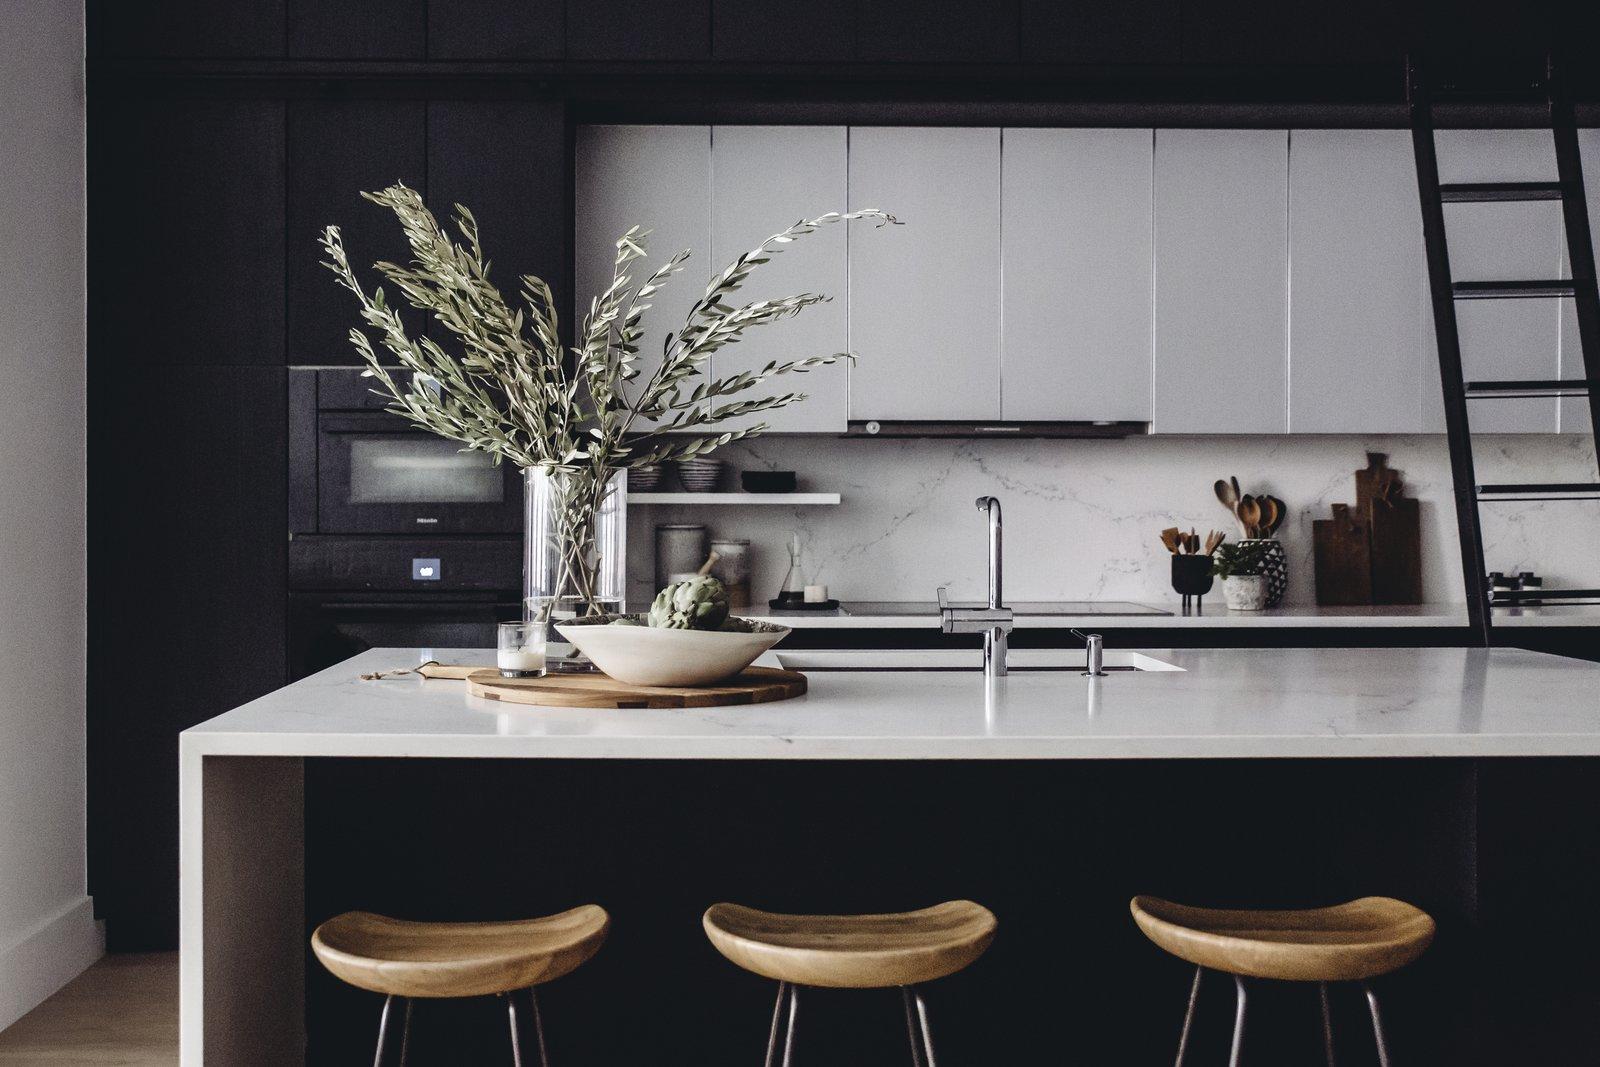 SoHo loft Caesarstone kitchen